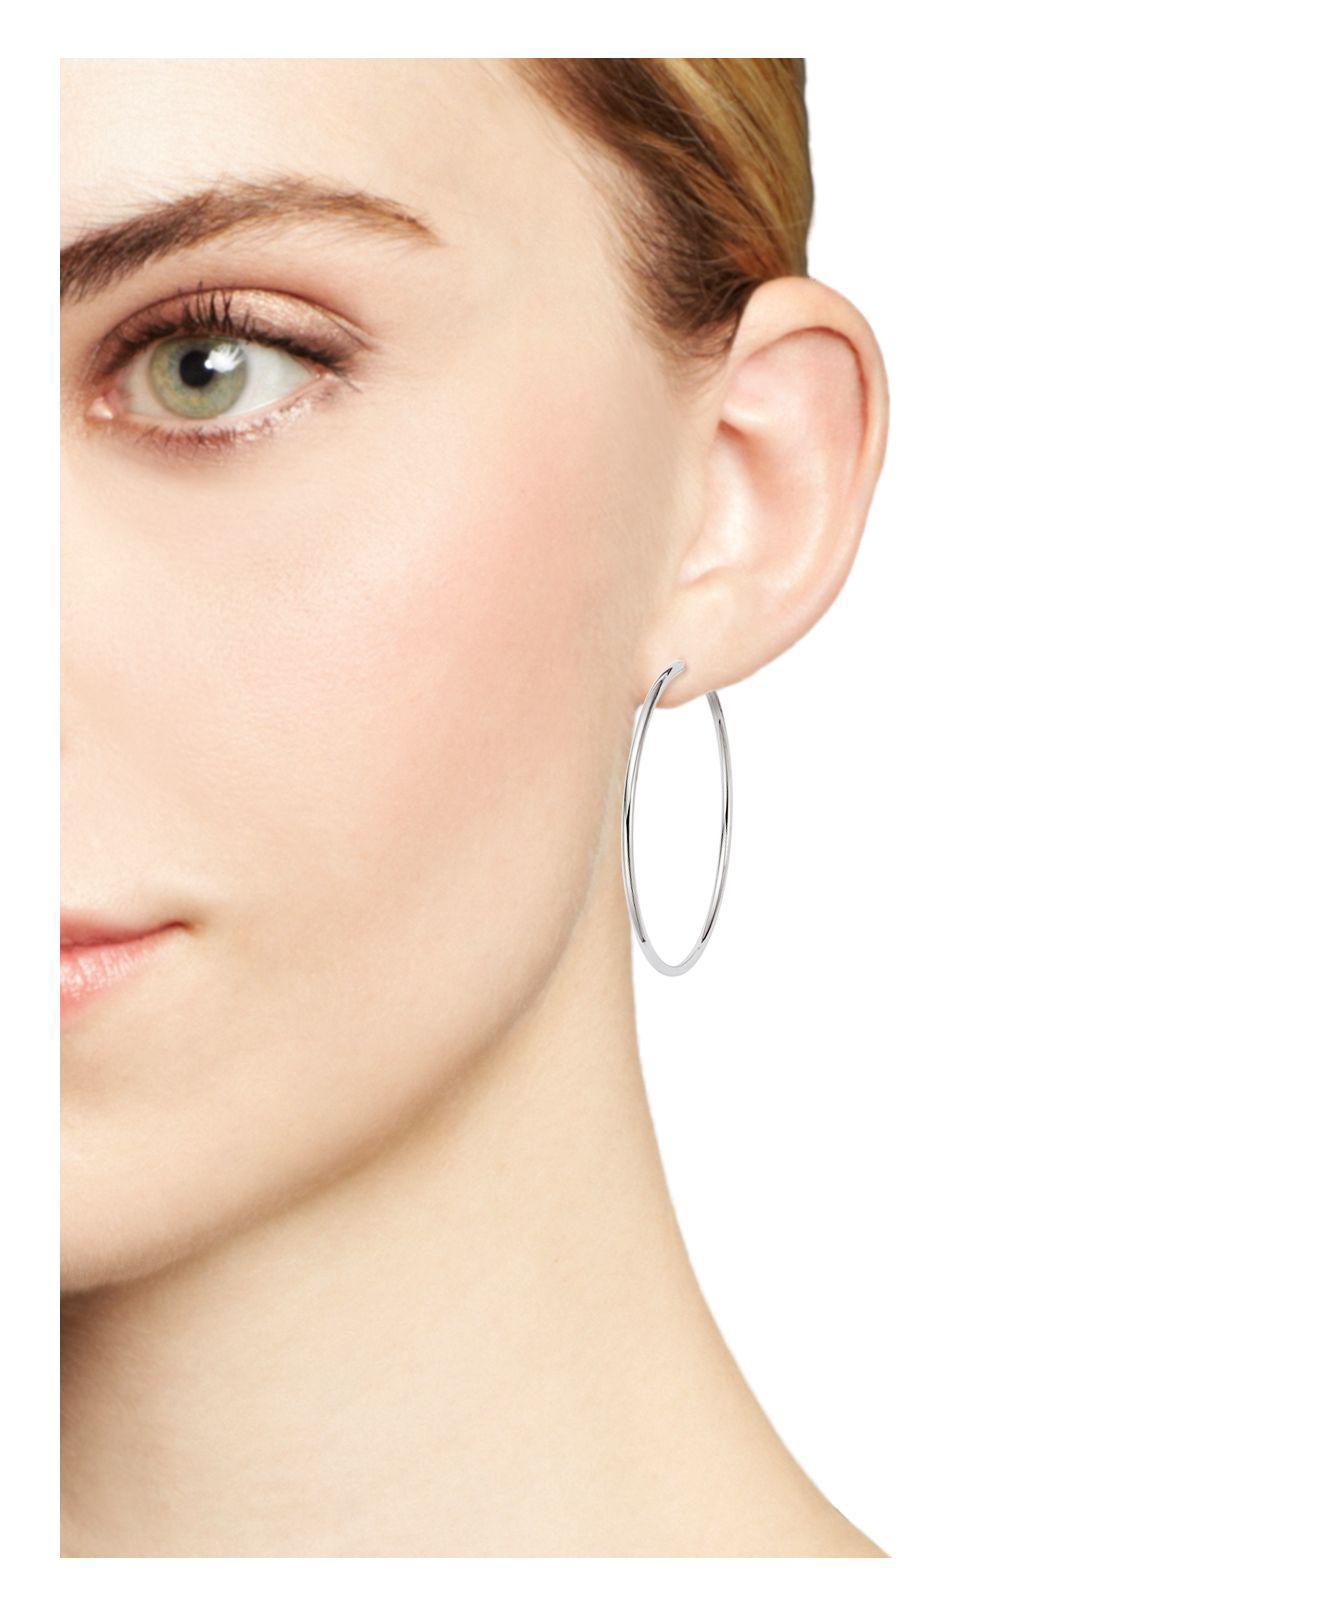 Bloomingdale S 14k White Gold Endless Hoop Earrings Lyst View Fullscreen